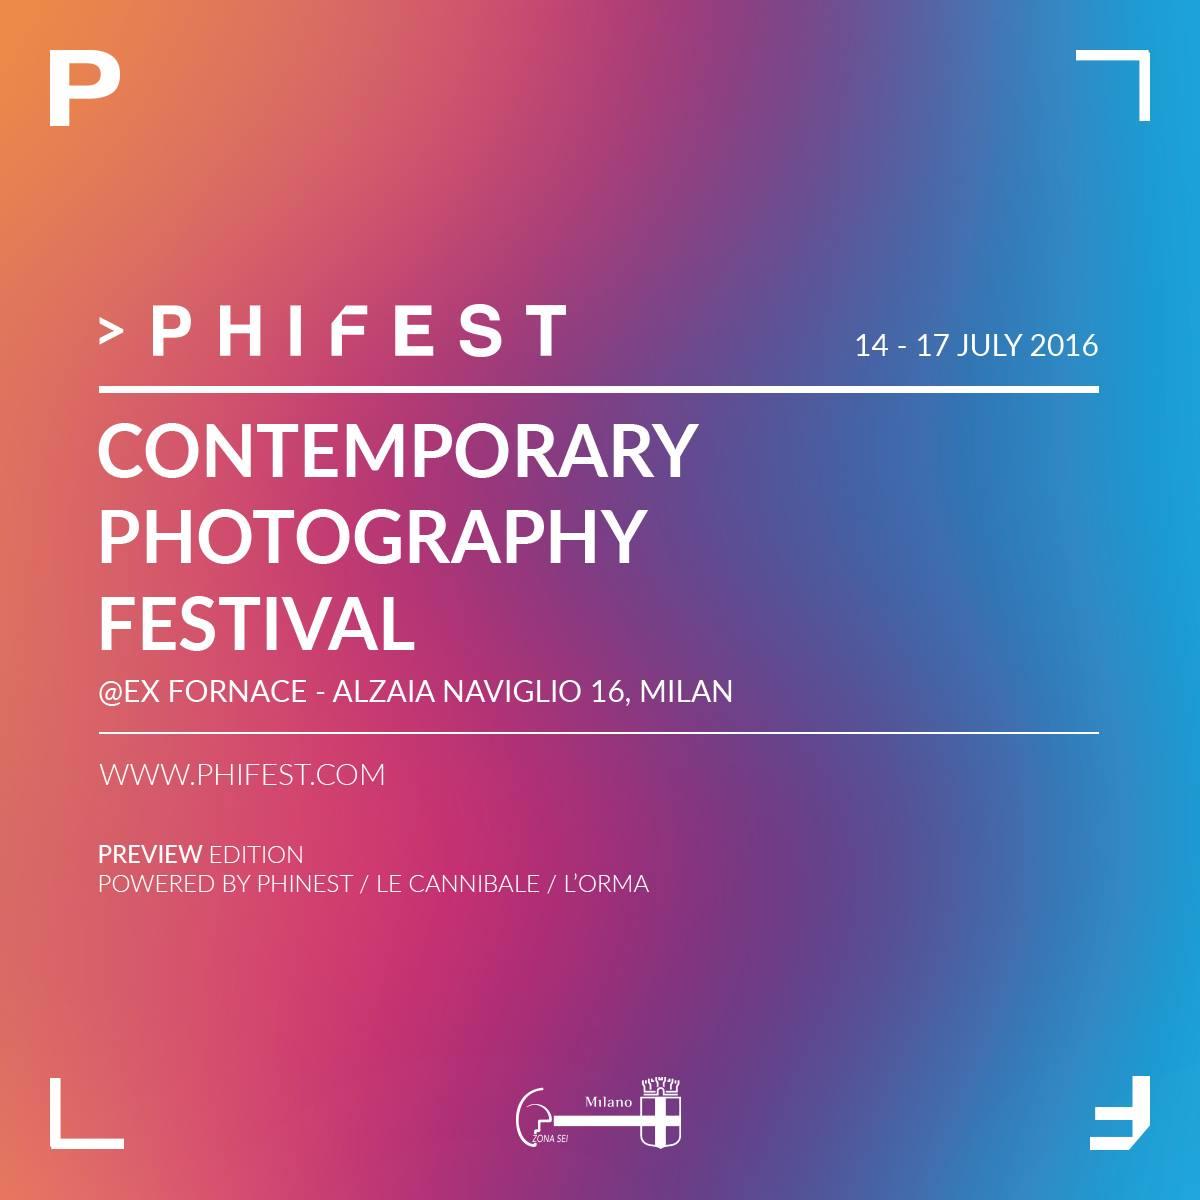 phifest_1